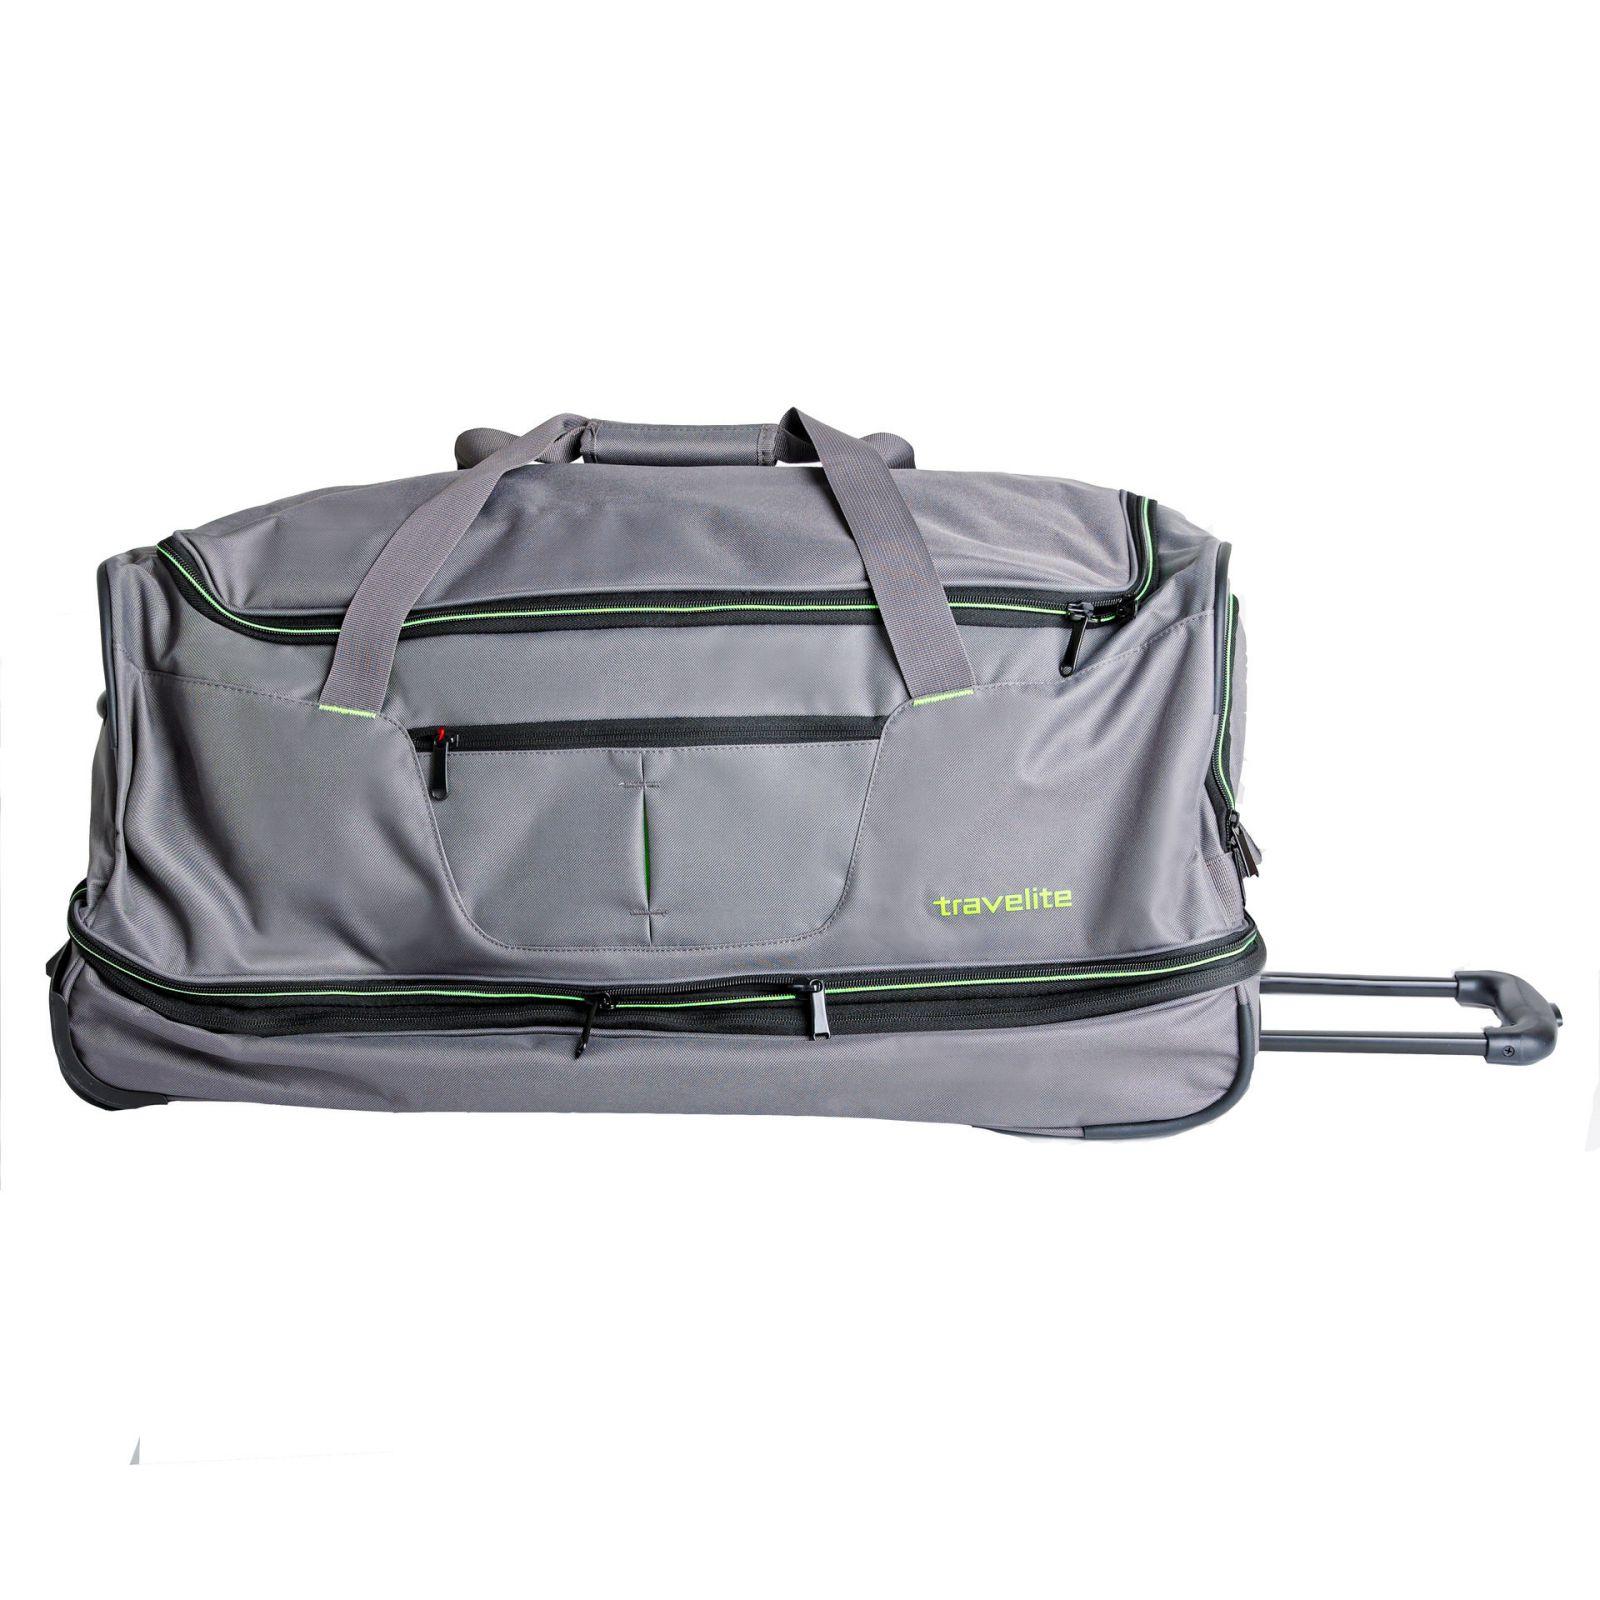 4230dff187 Cestovní tašky ( Strana 2 ) Travelite